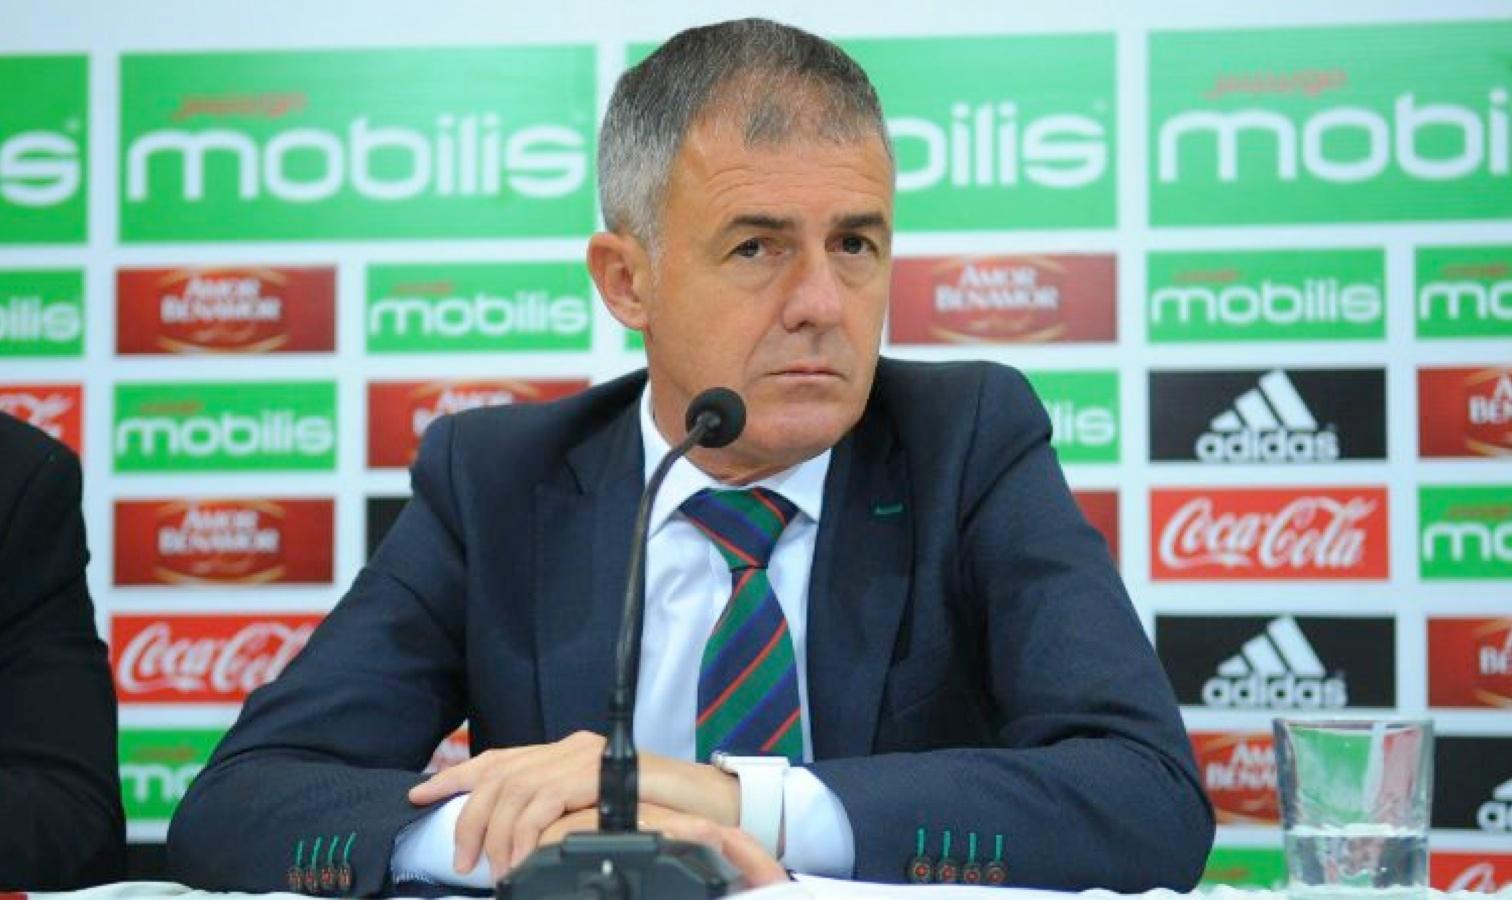 Algérie, Alcaraz est ambitieux